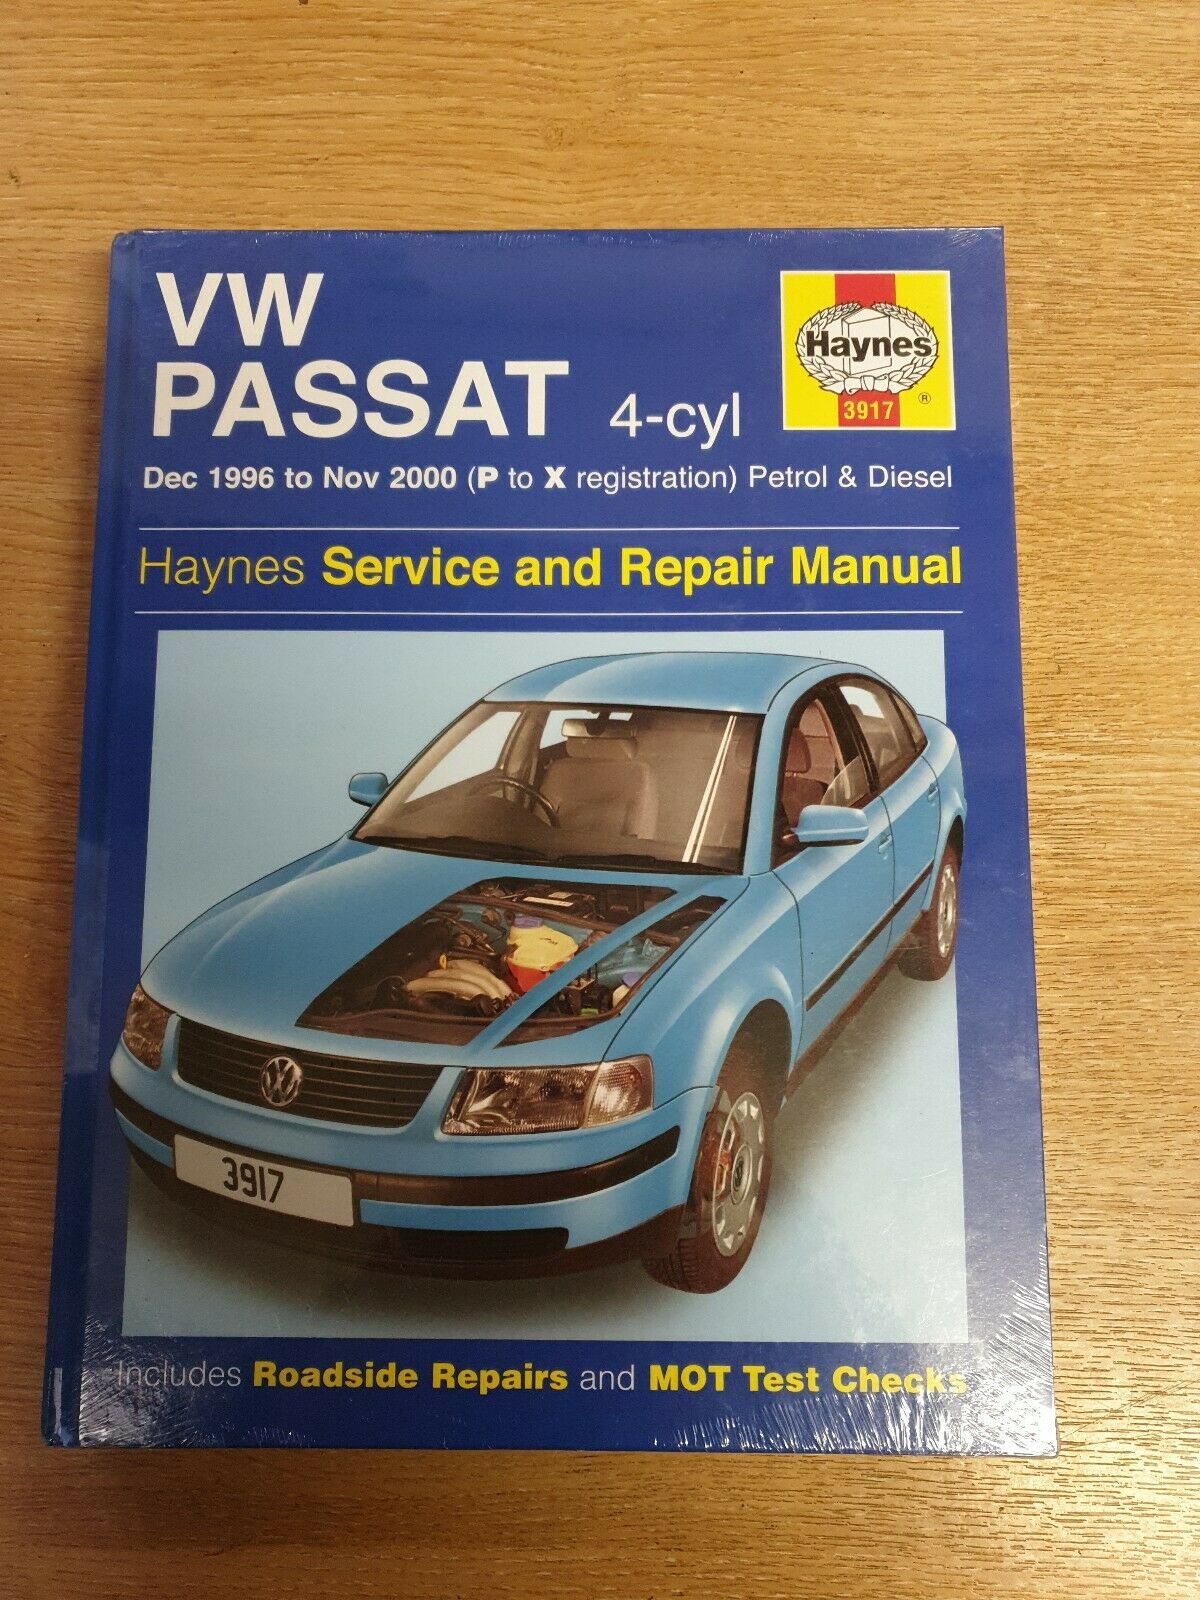 Haynes 3917 Workshop Manual